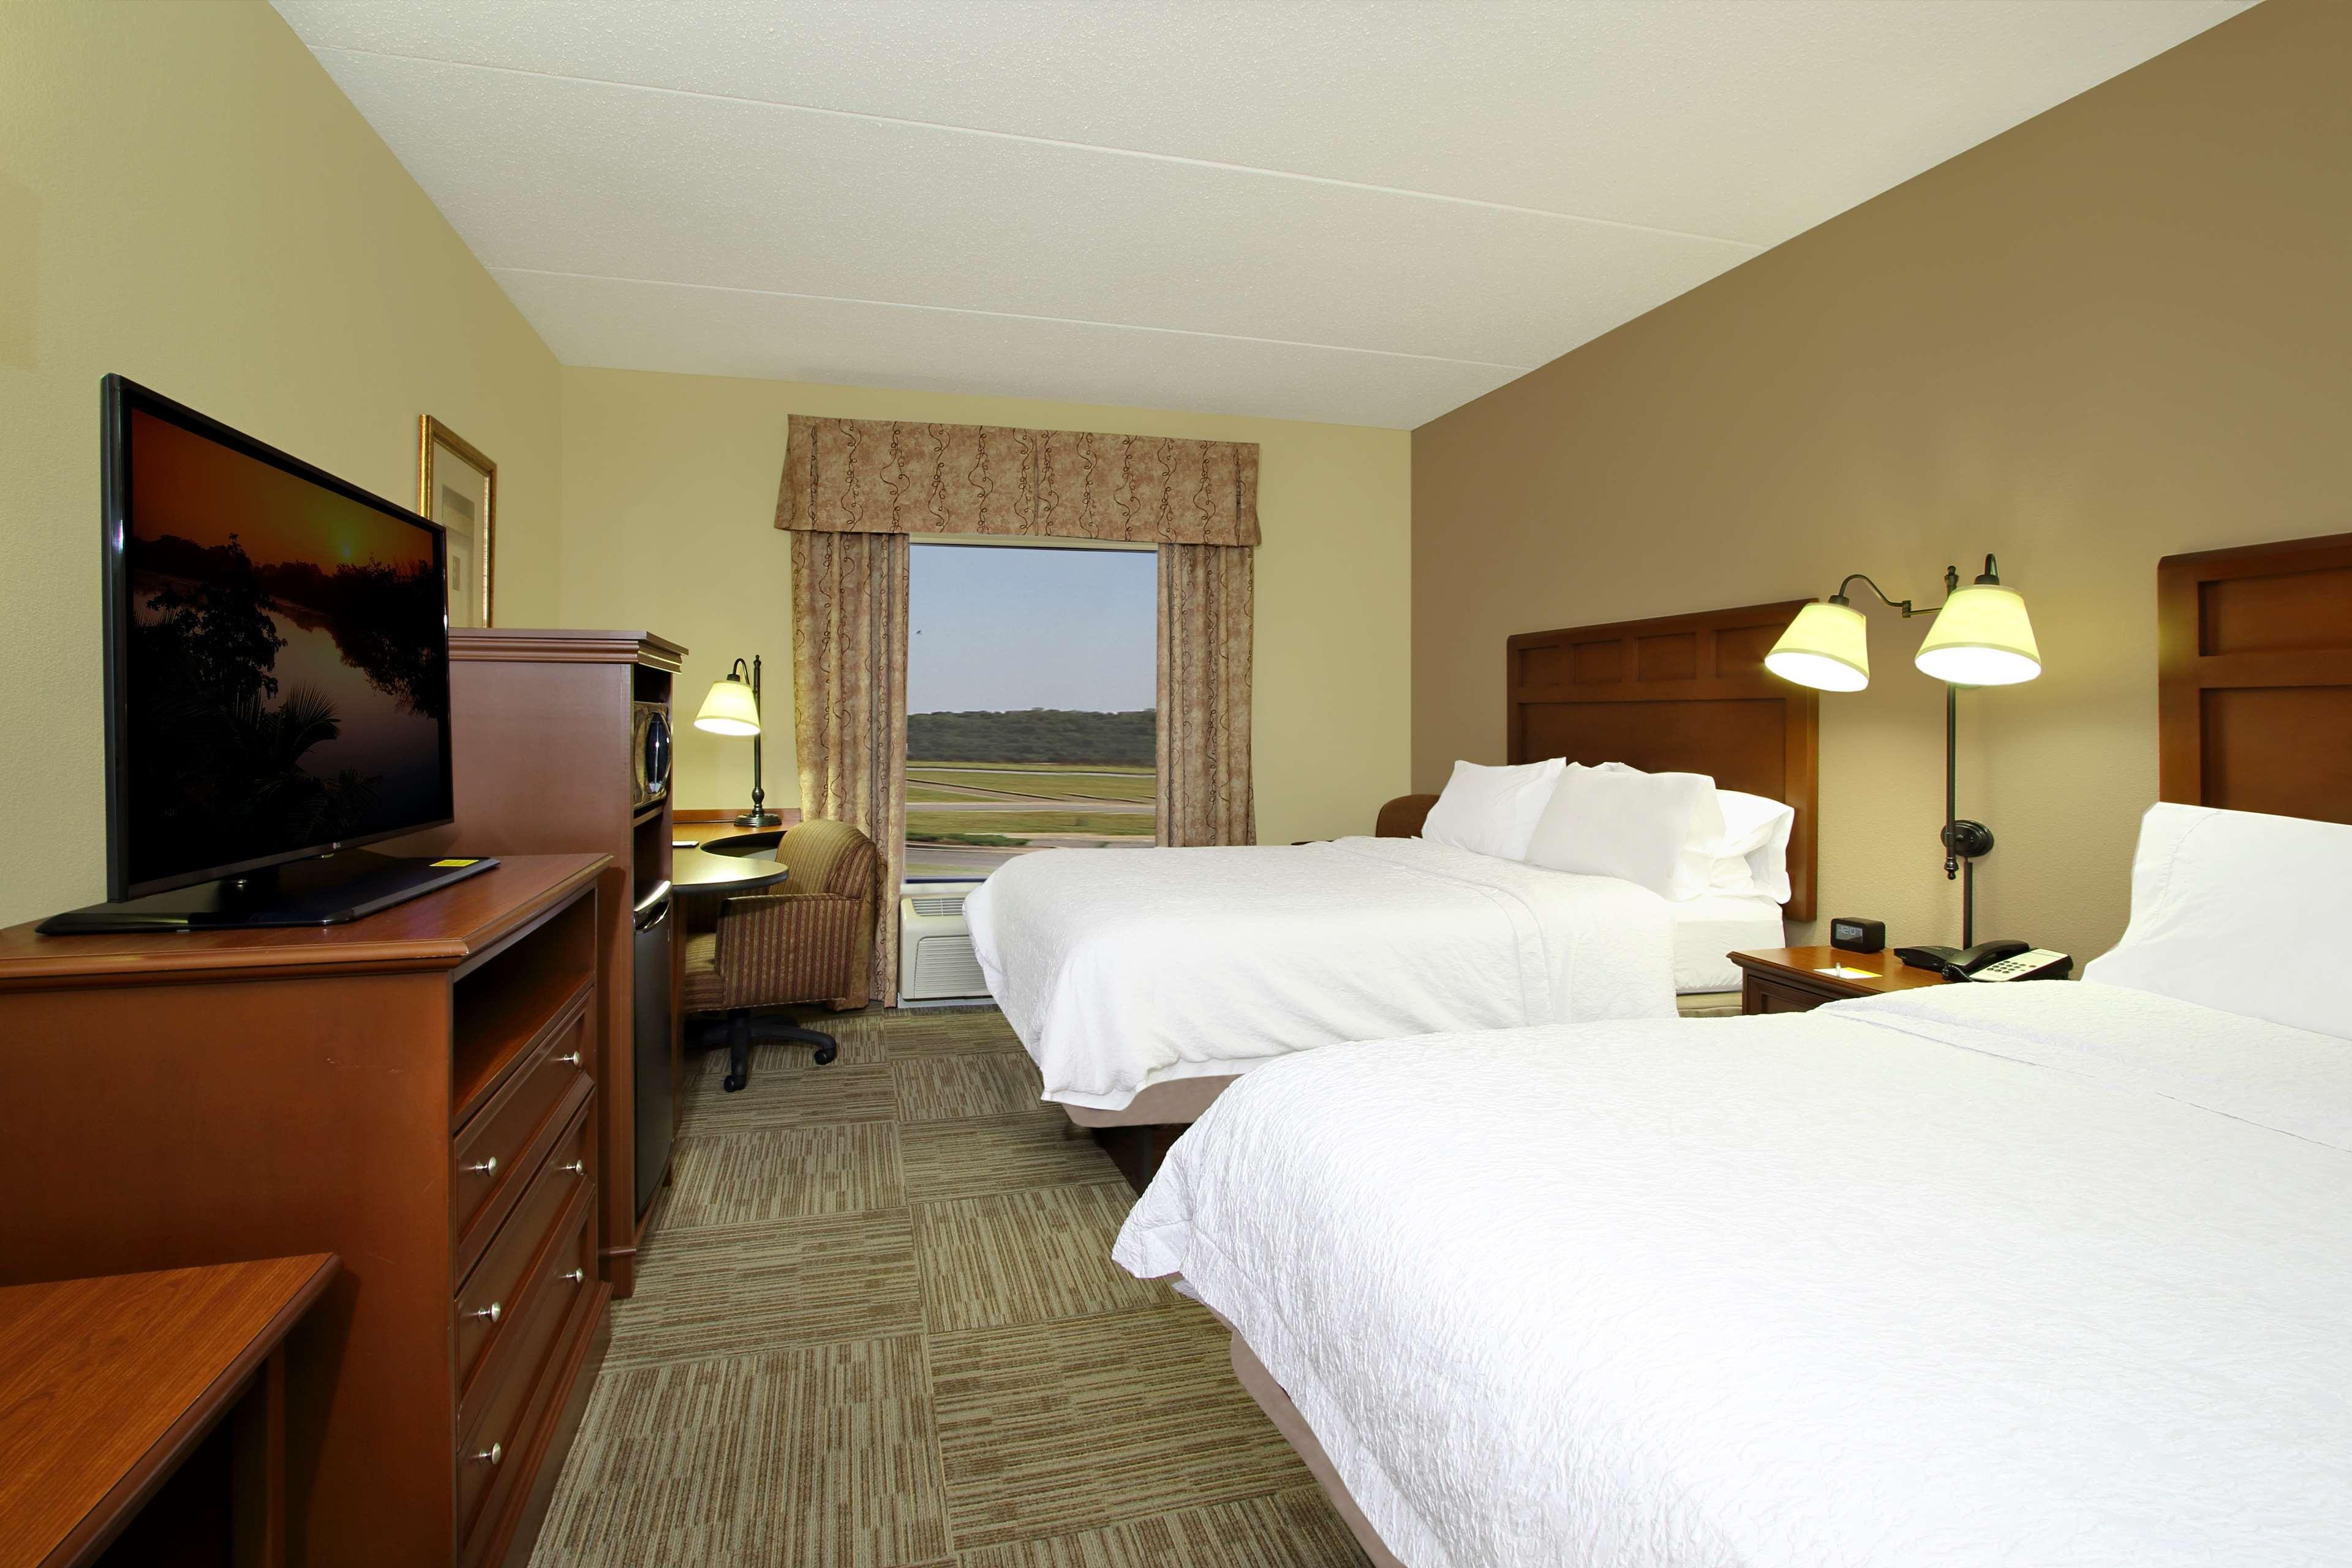 Hampton Inn & Suites Murray image 21